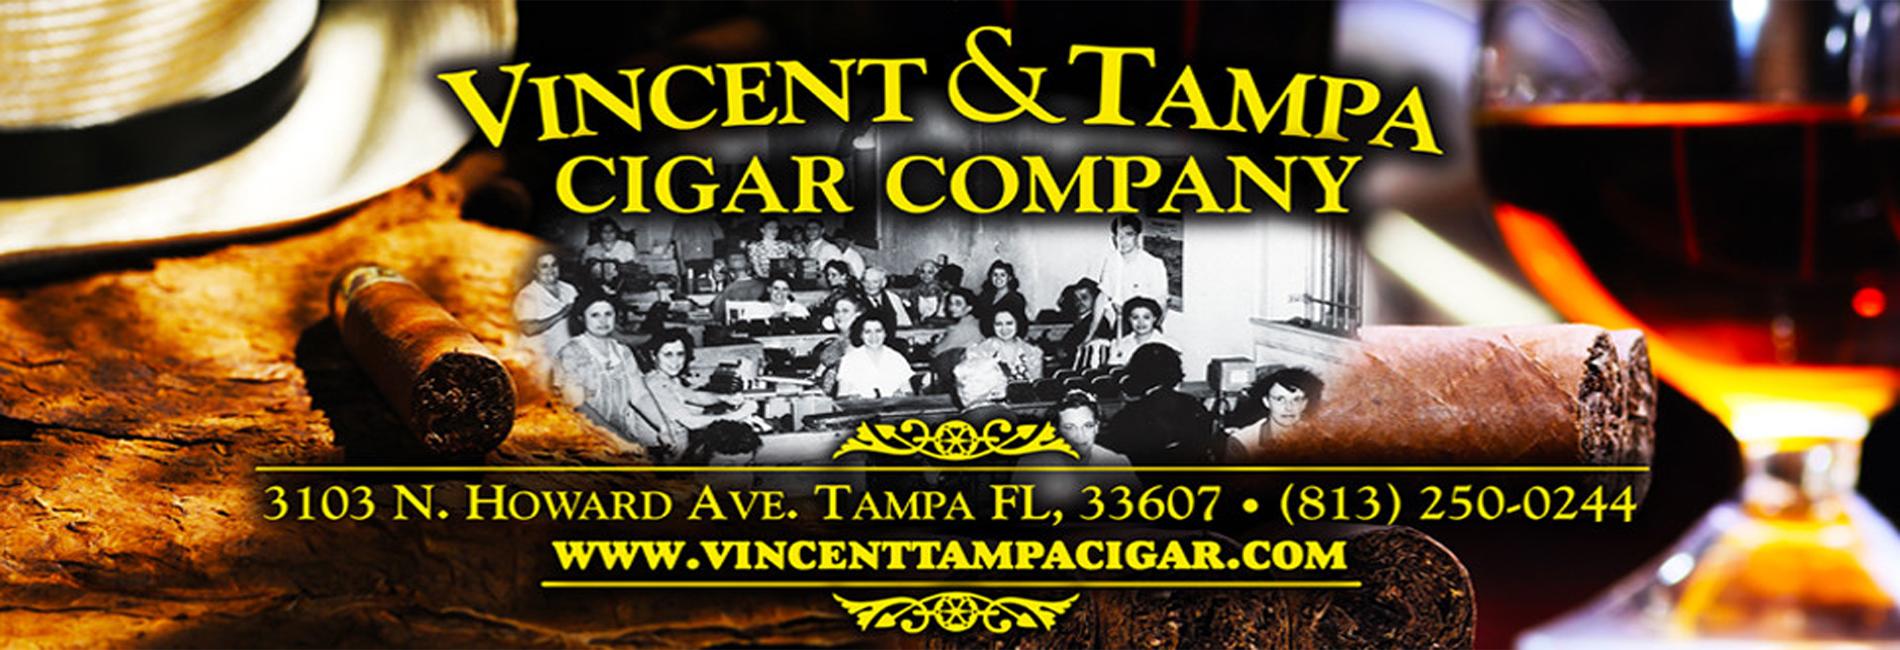 Vincent-Tampa-Cigar-Company-Tampa-FL